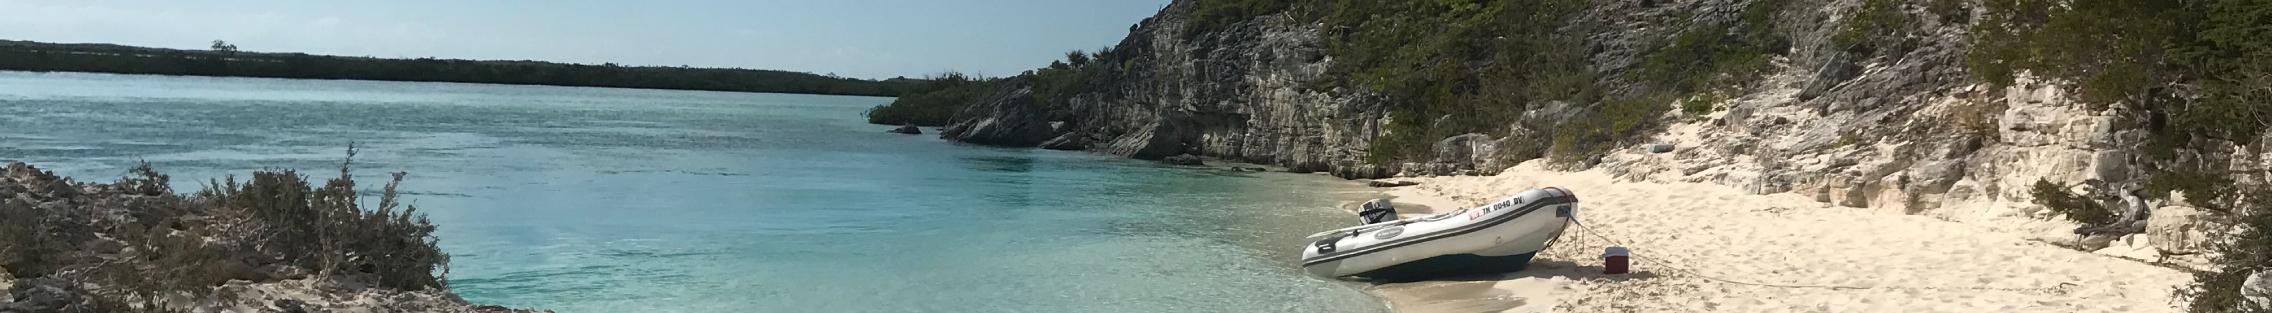 beach_dingy